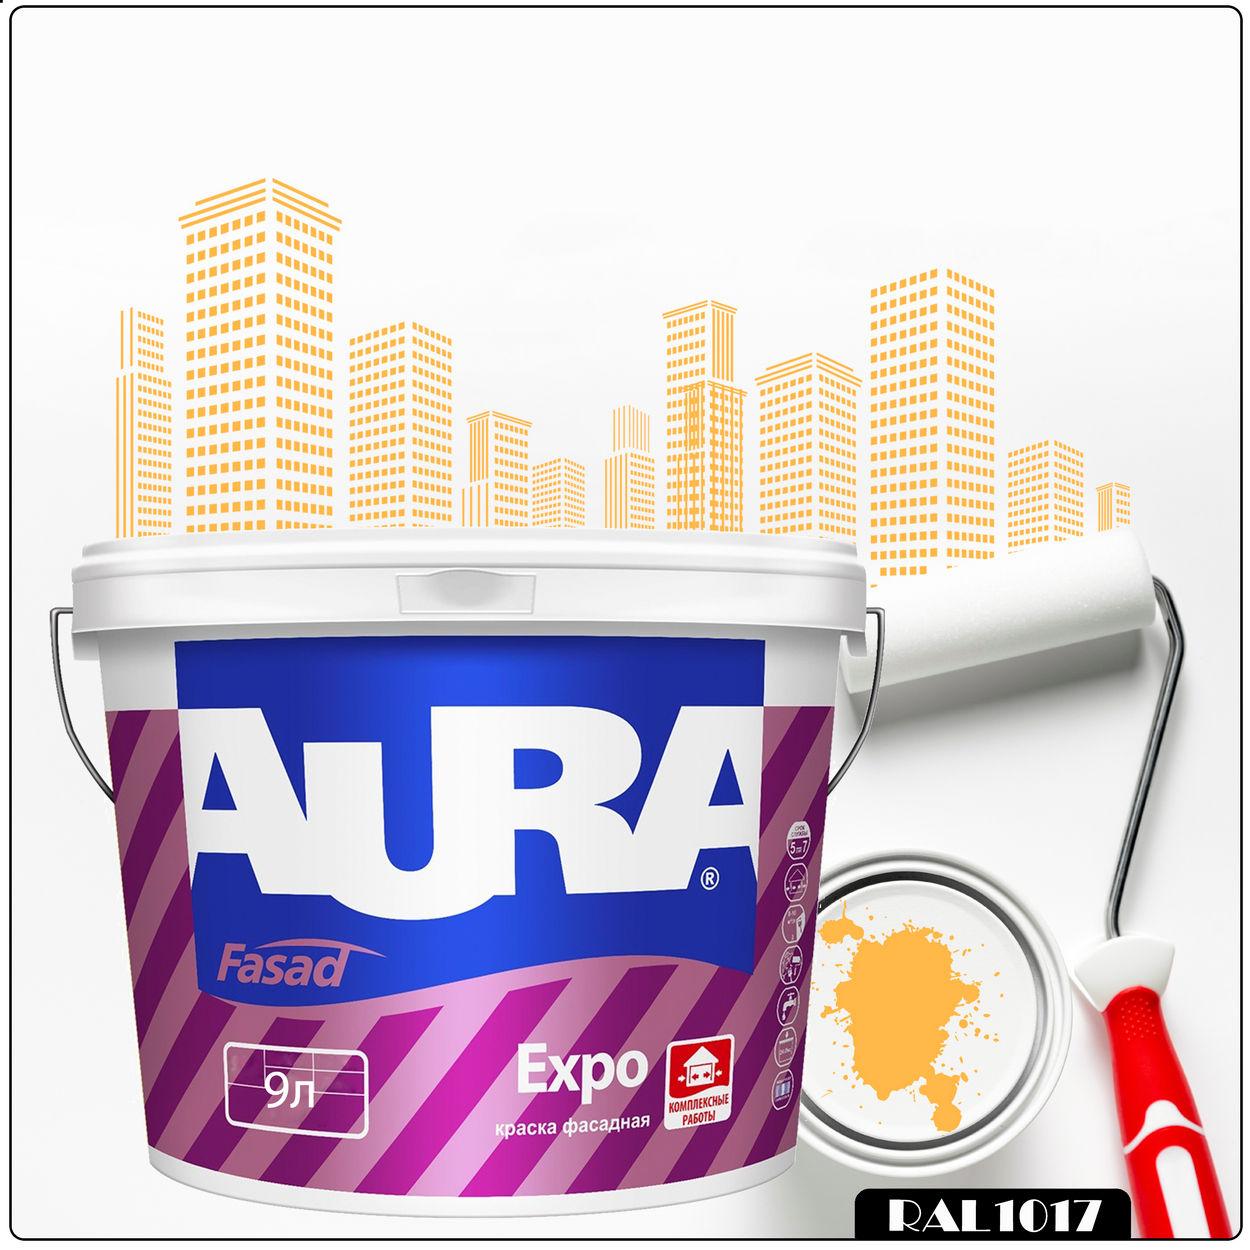 Фото 15 - Краска Aura Fasad Expo, RAL 1017 Шафраново-жёлтый, матовая, для фасадов и помещений с повышенной влажностью, 9л.